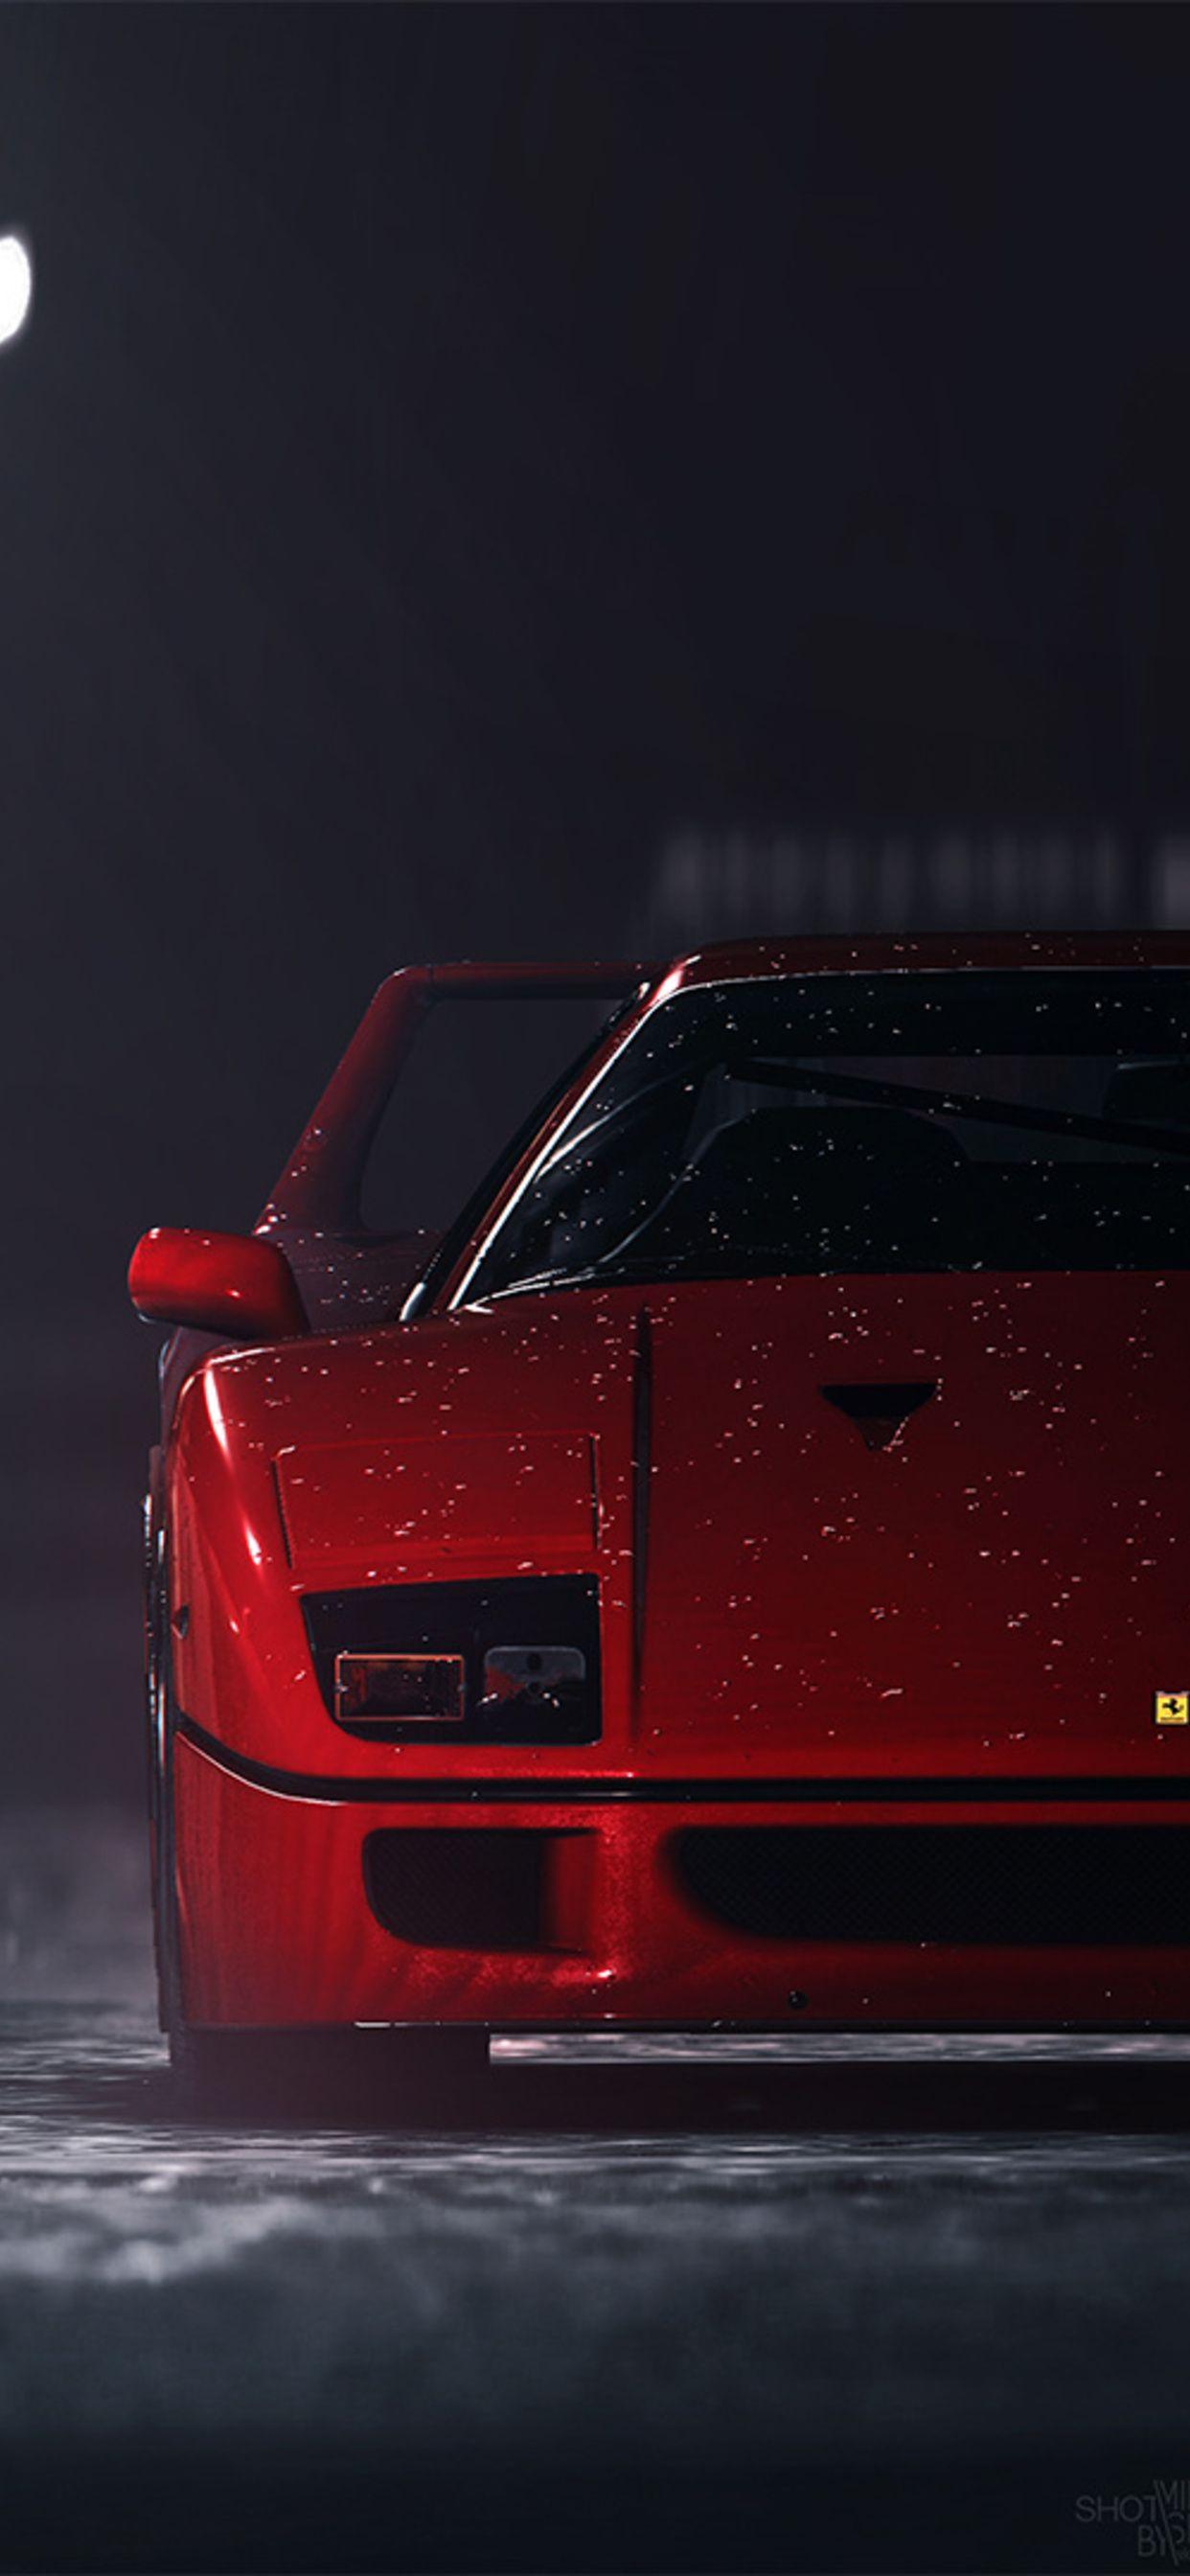 Ferrari F40 Hd Phone Wallpapers Wallpaper Cave